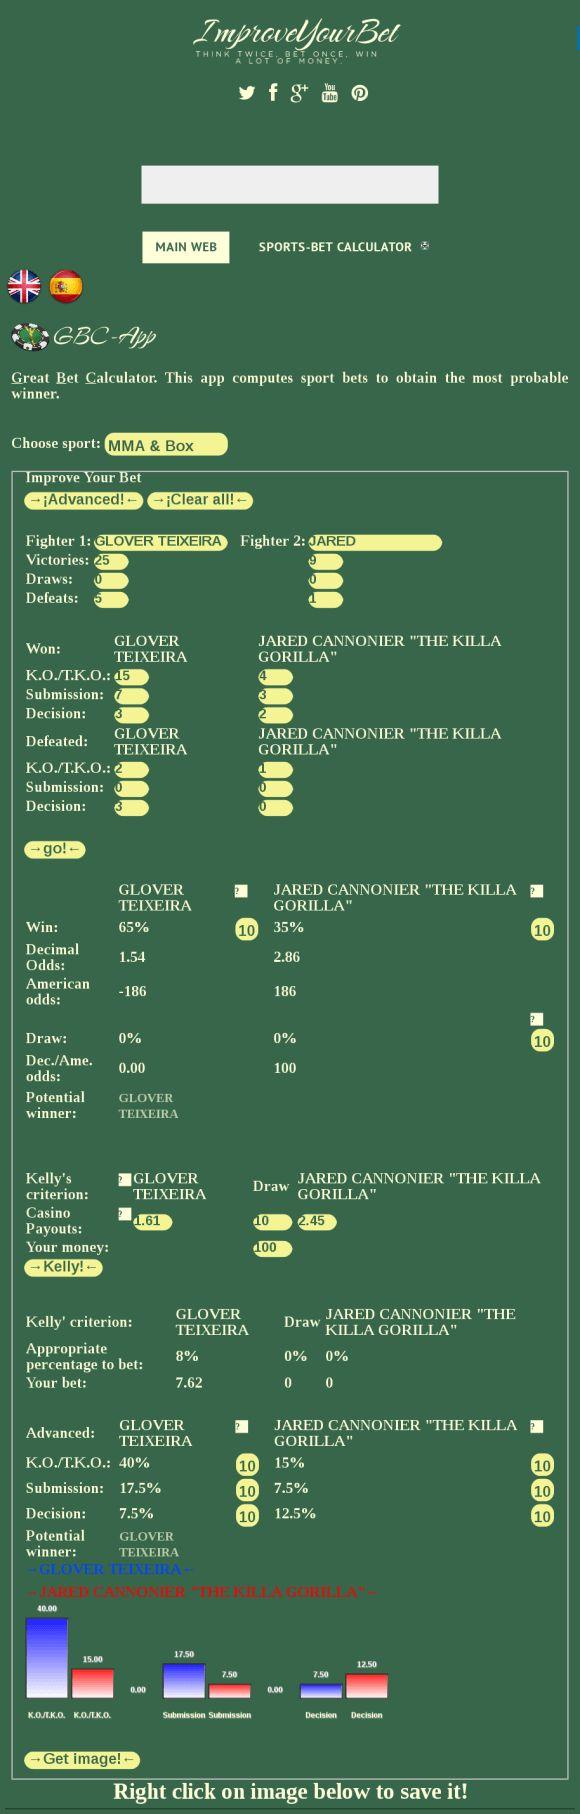 UFC 208 forecast, predictions and picks GLOVER TEIXEIRA Vs JARED CANNONIER THE KILLA GORILLA